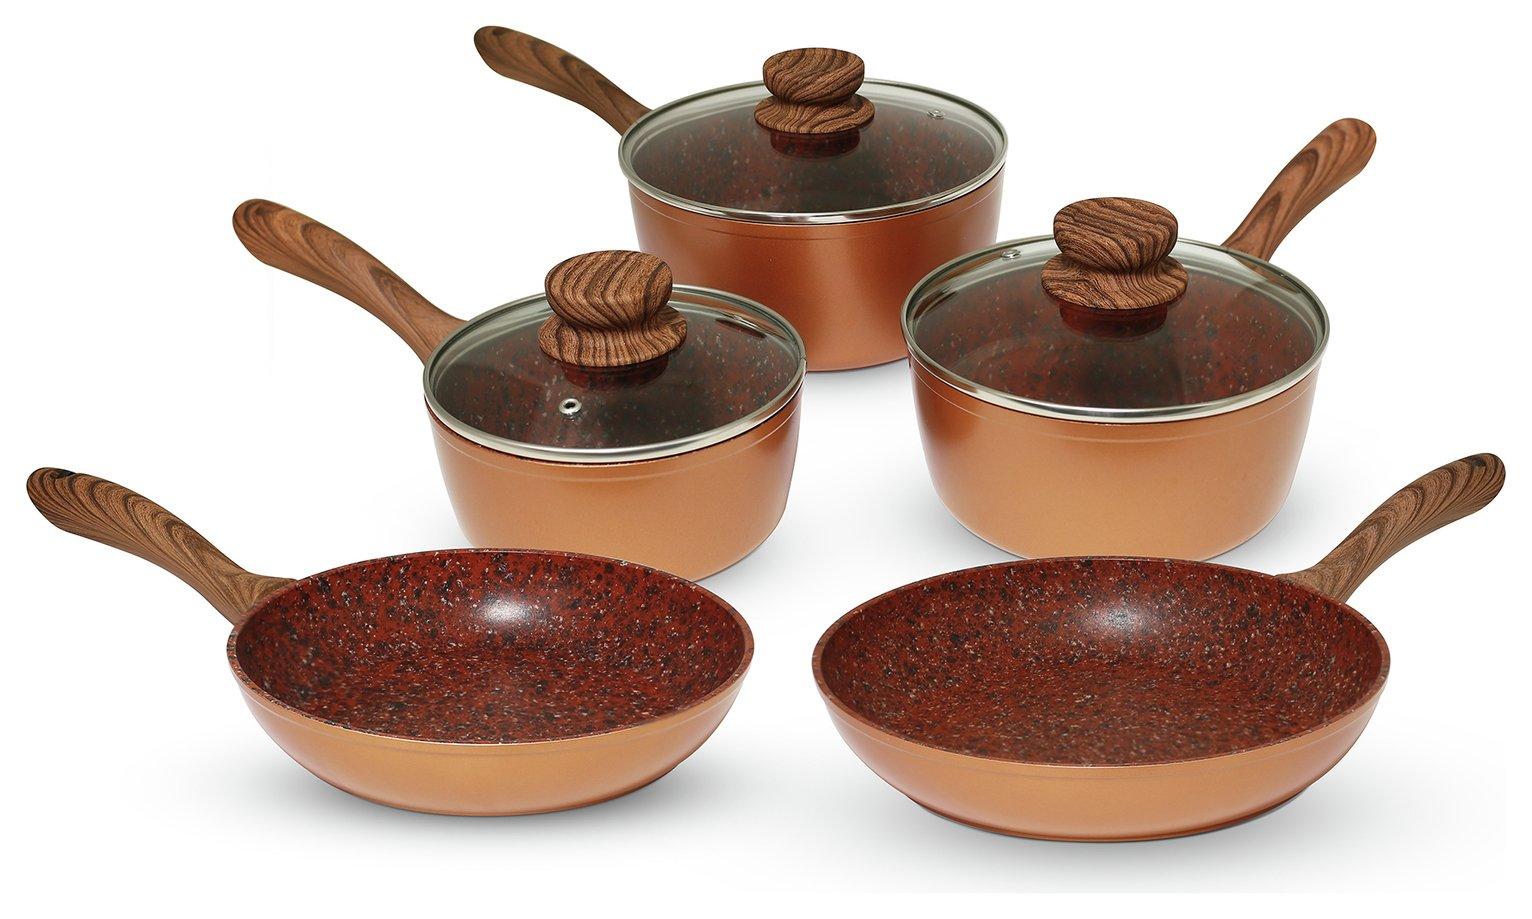 Sale On Jml Copper Stone Pan 5 Piece Pan Set Jml Now